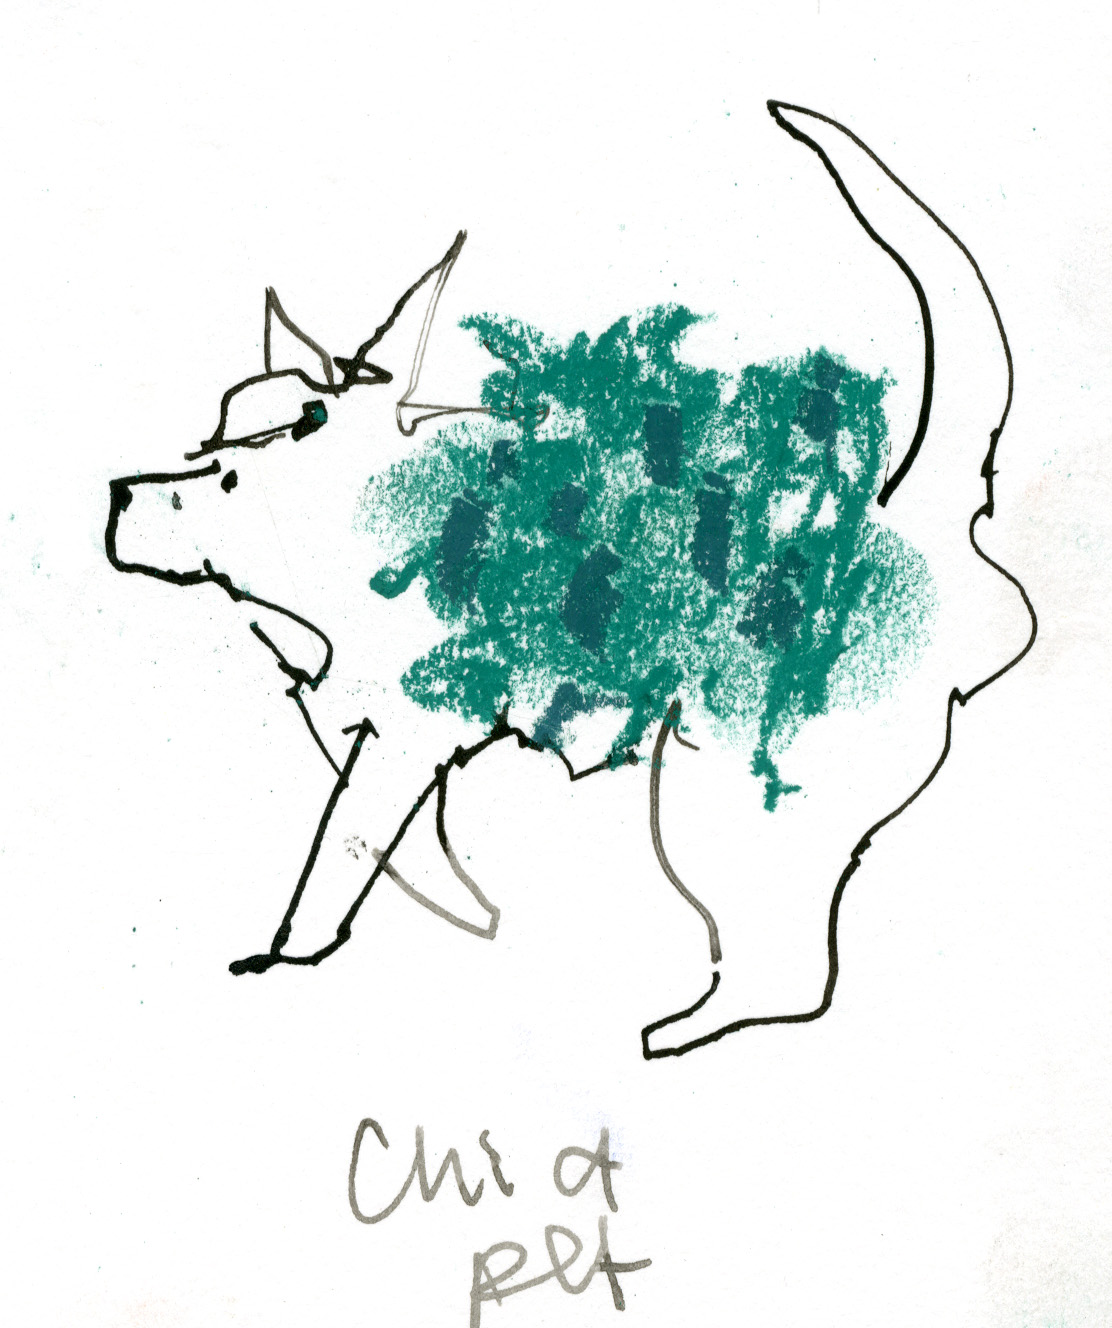 Chia Pet © Carly Larsson 2014